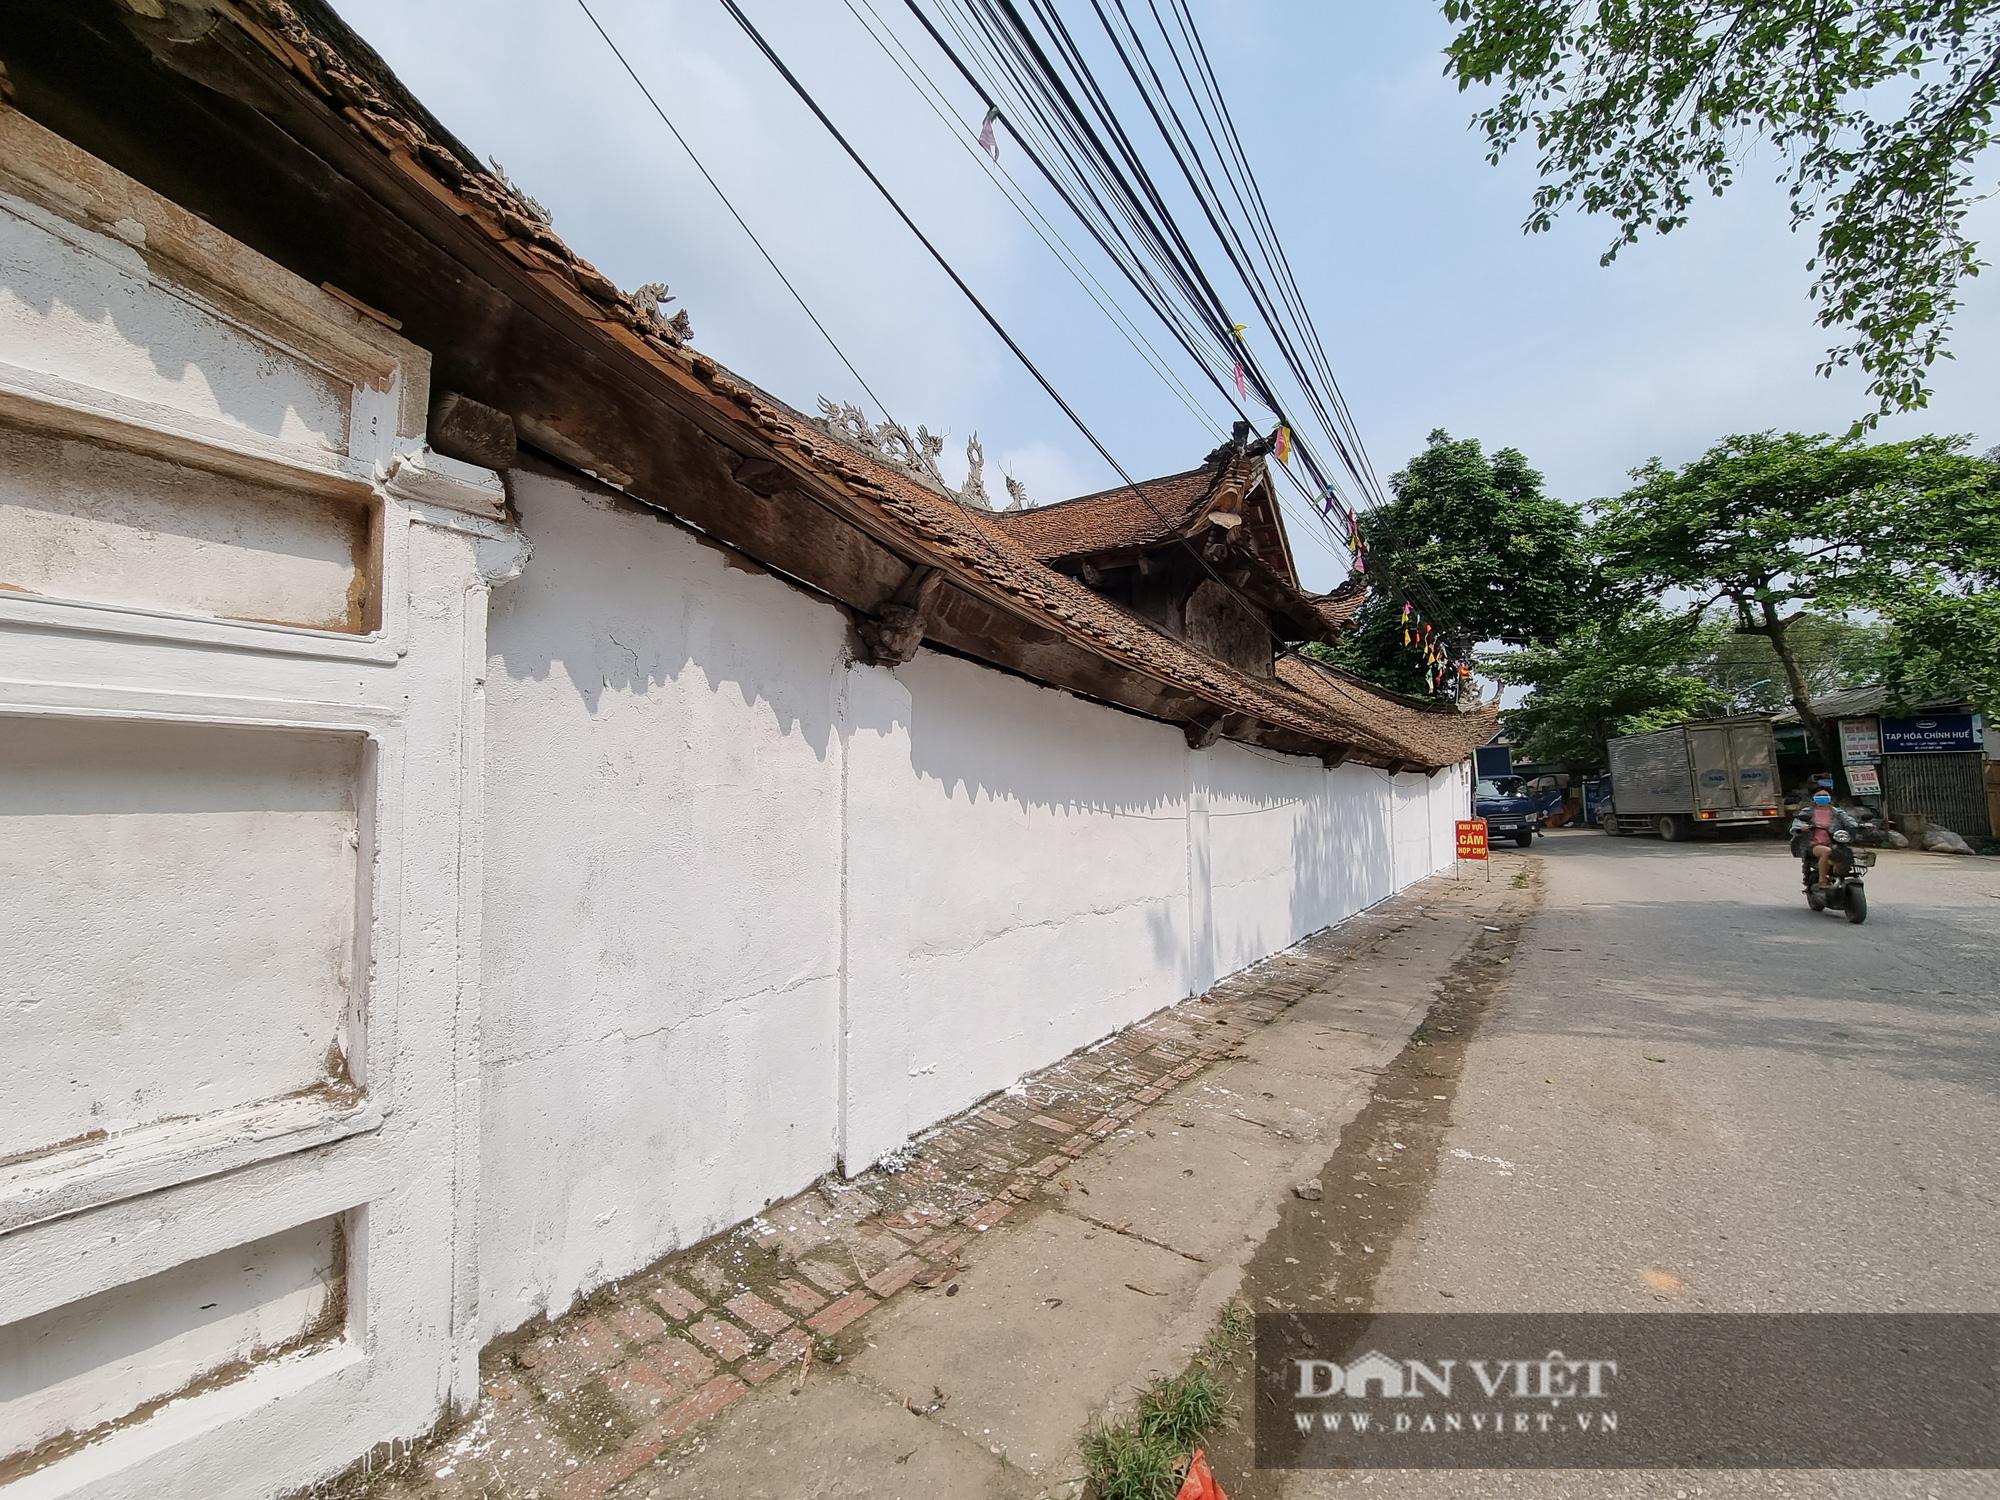 Bức tường tại đình làng cổ Tiên Lữ bất ngờ được sơn trắng - Ảnh 6.